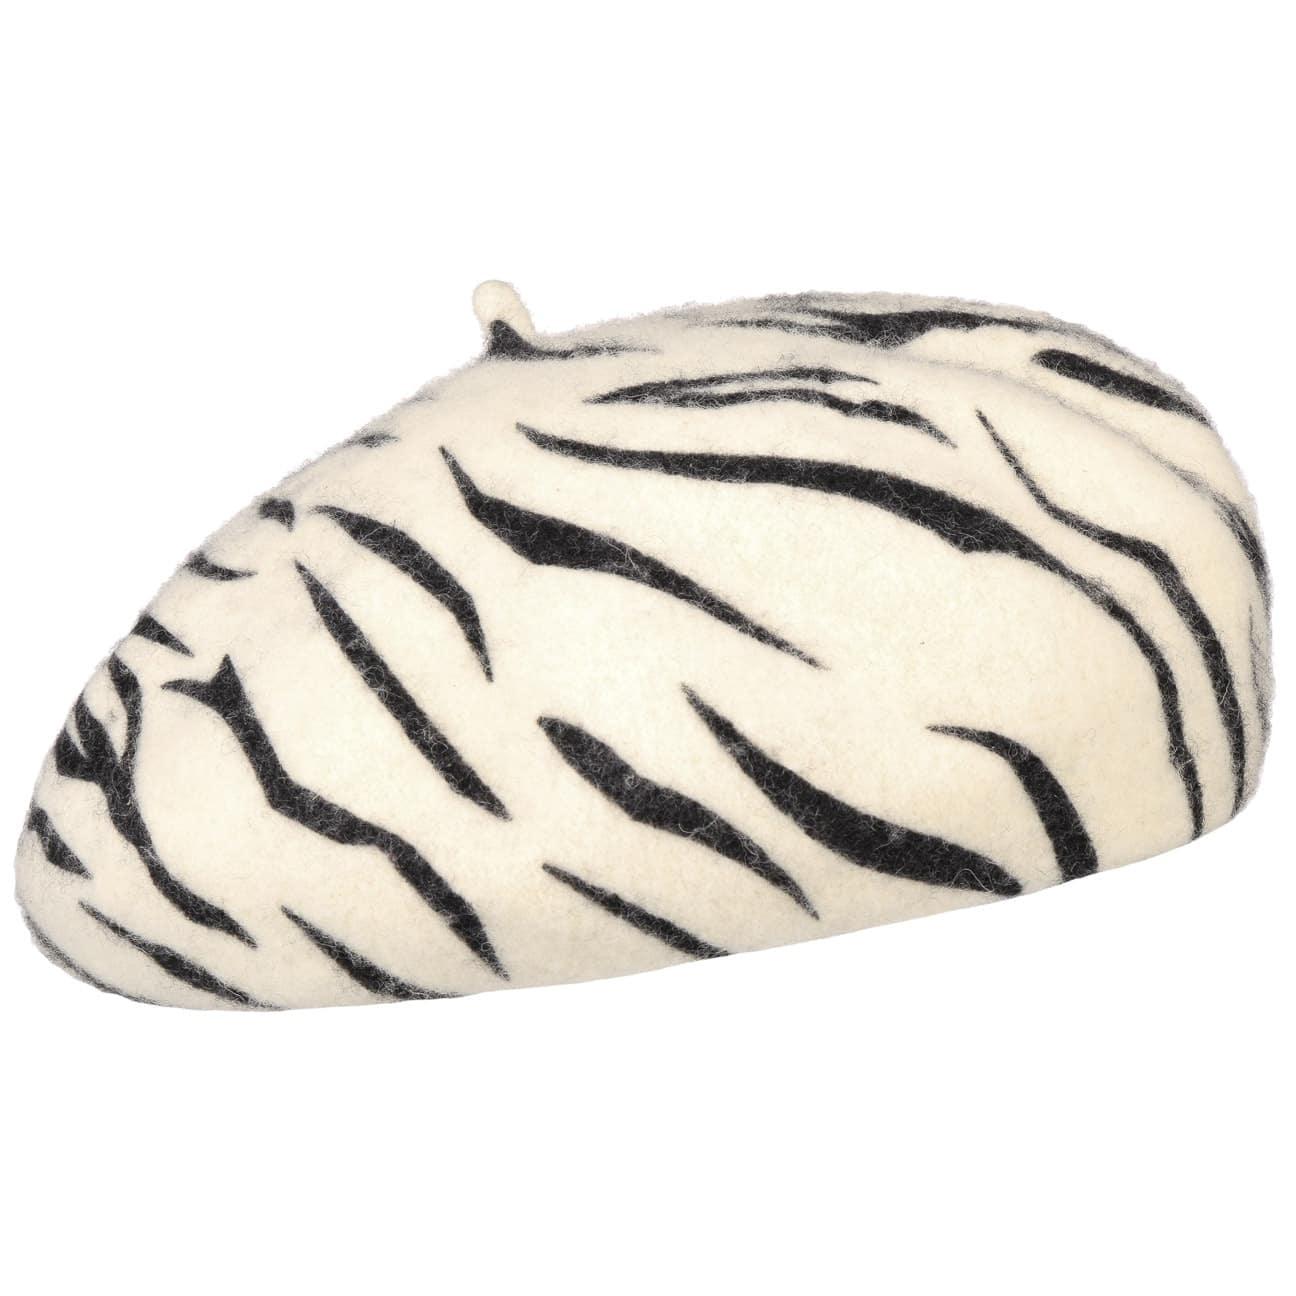 Boina Audrey Tiger by Brixton  boina de lana